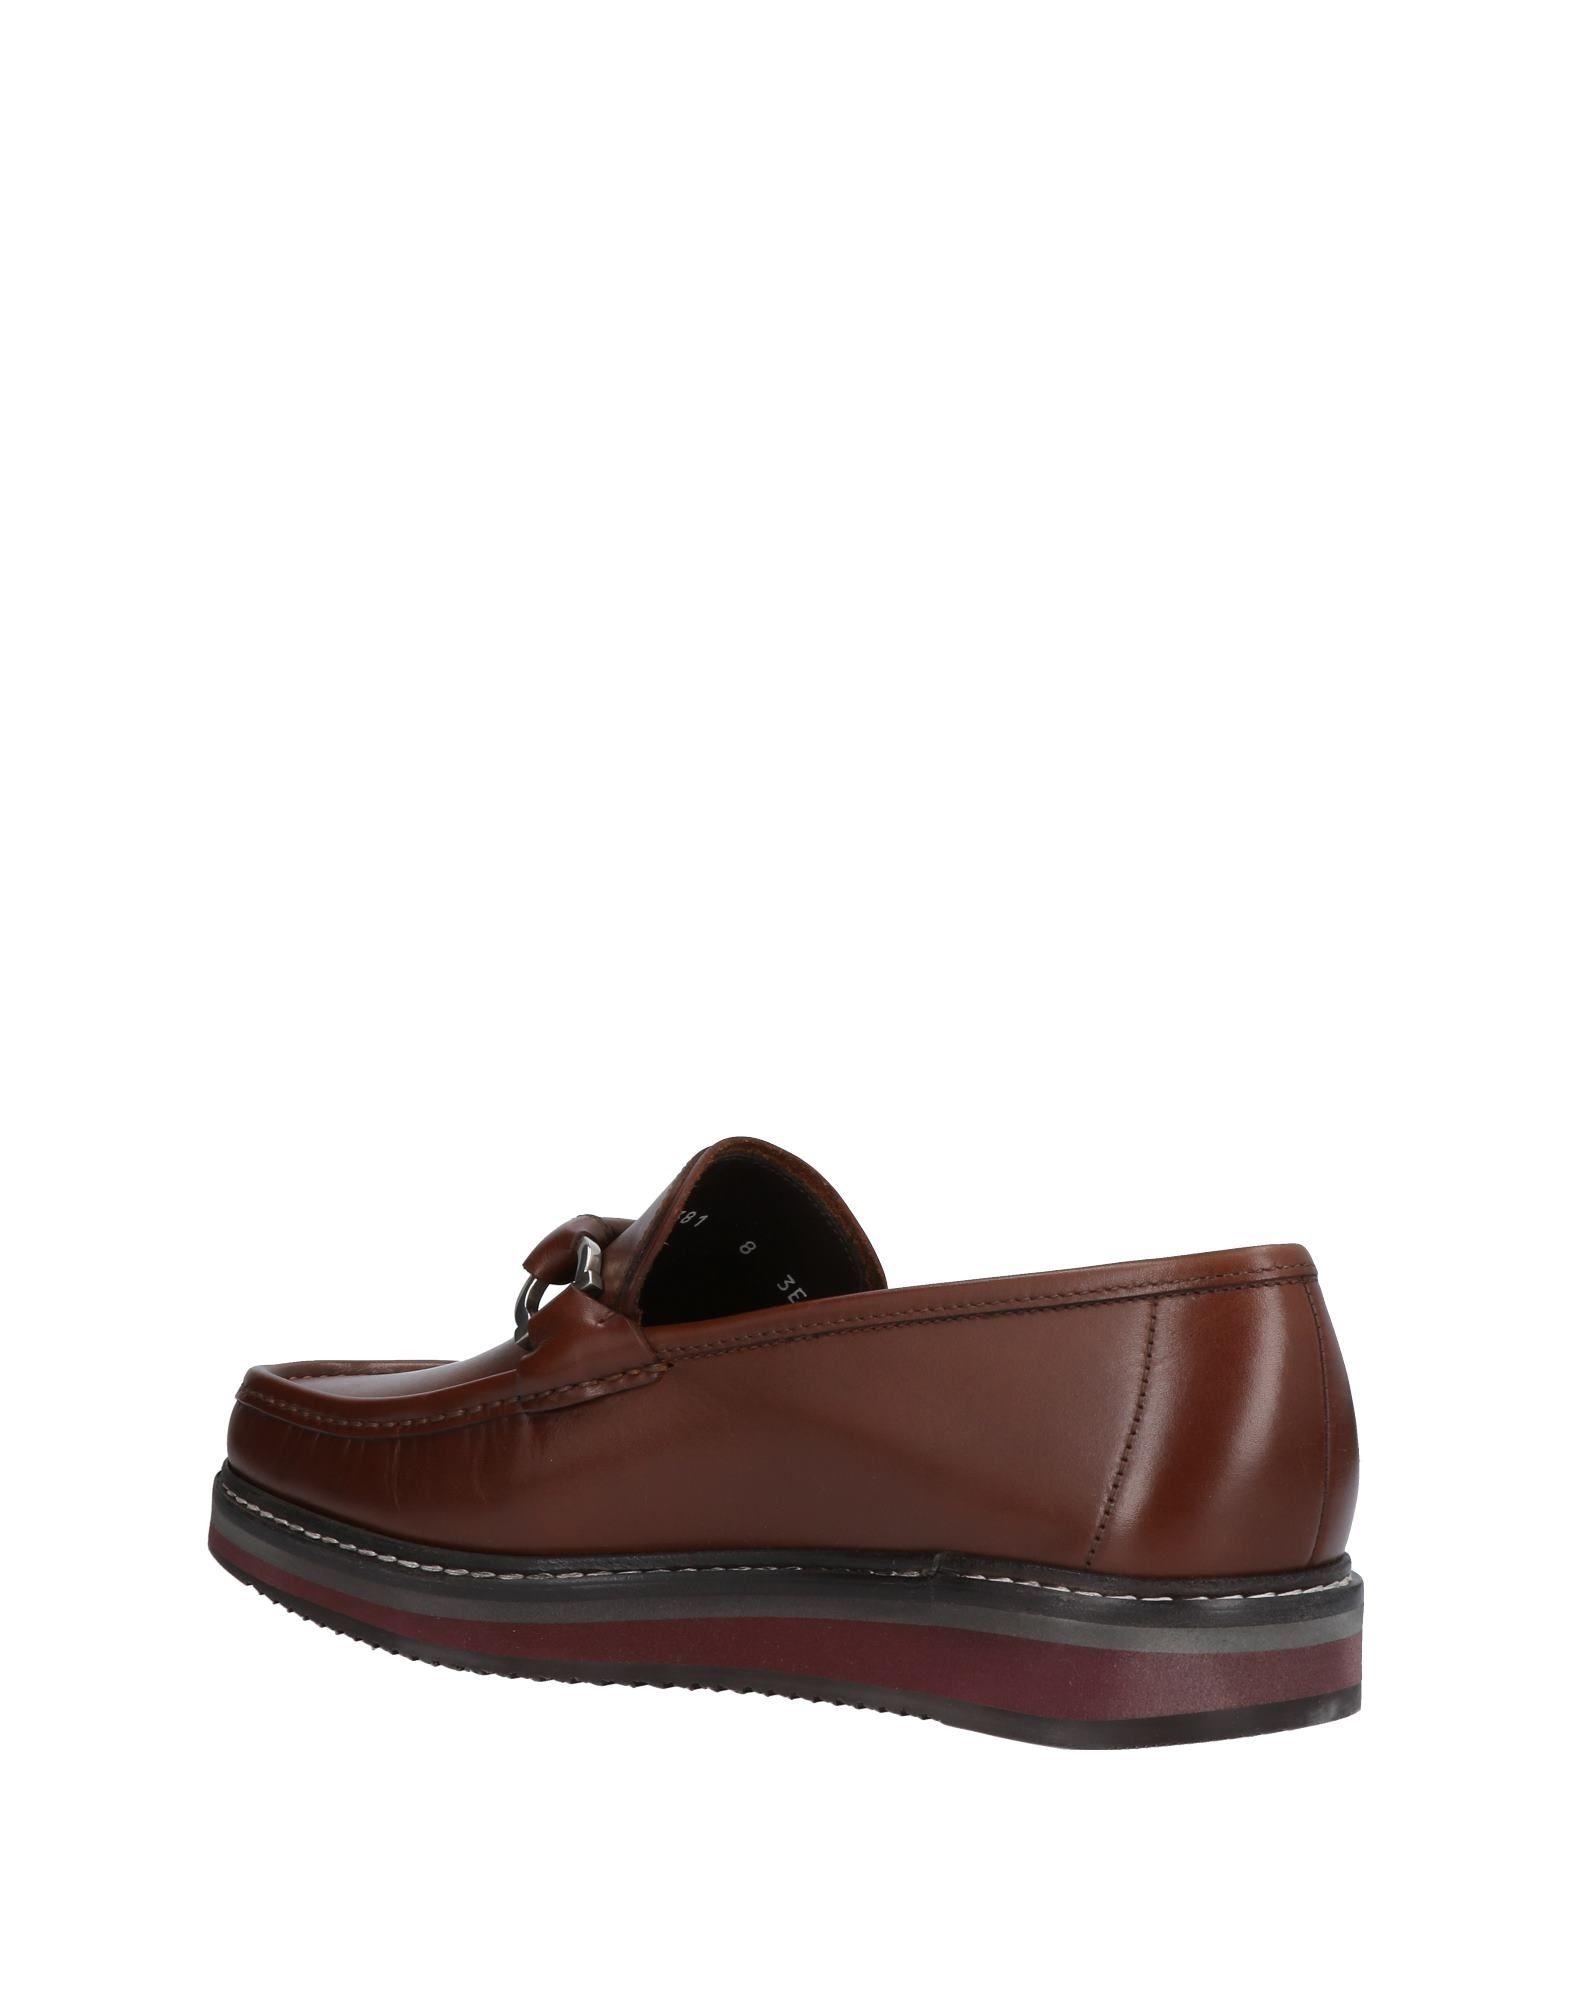 Salvatore Ferragamo Mokassins Qualität Herren  11422568JJ Gute Qualität Mokassins beliebte Schuhe 6b055c